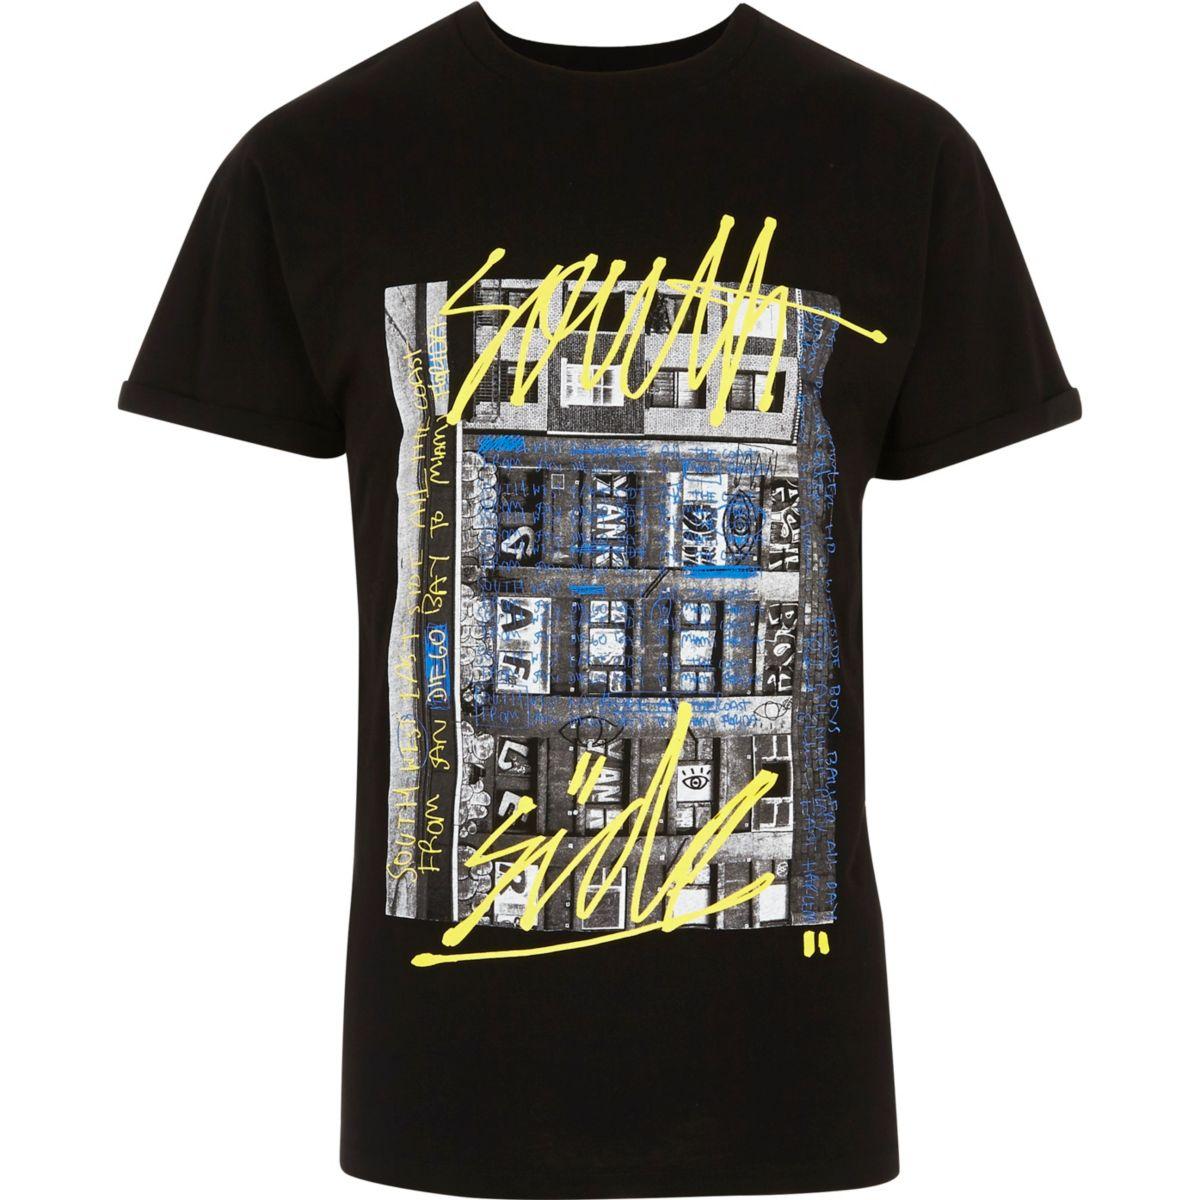 Schwarzes T-Shirt mit Print